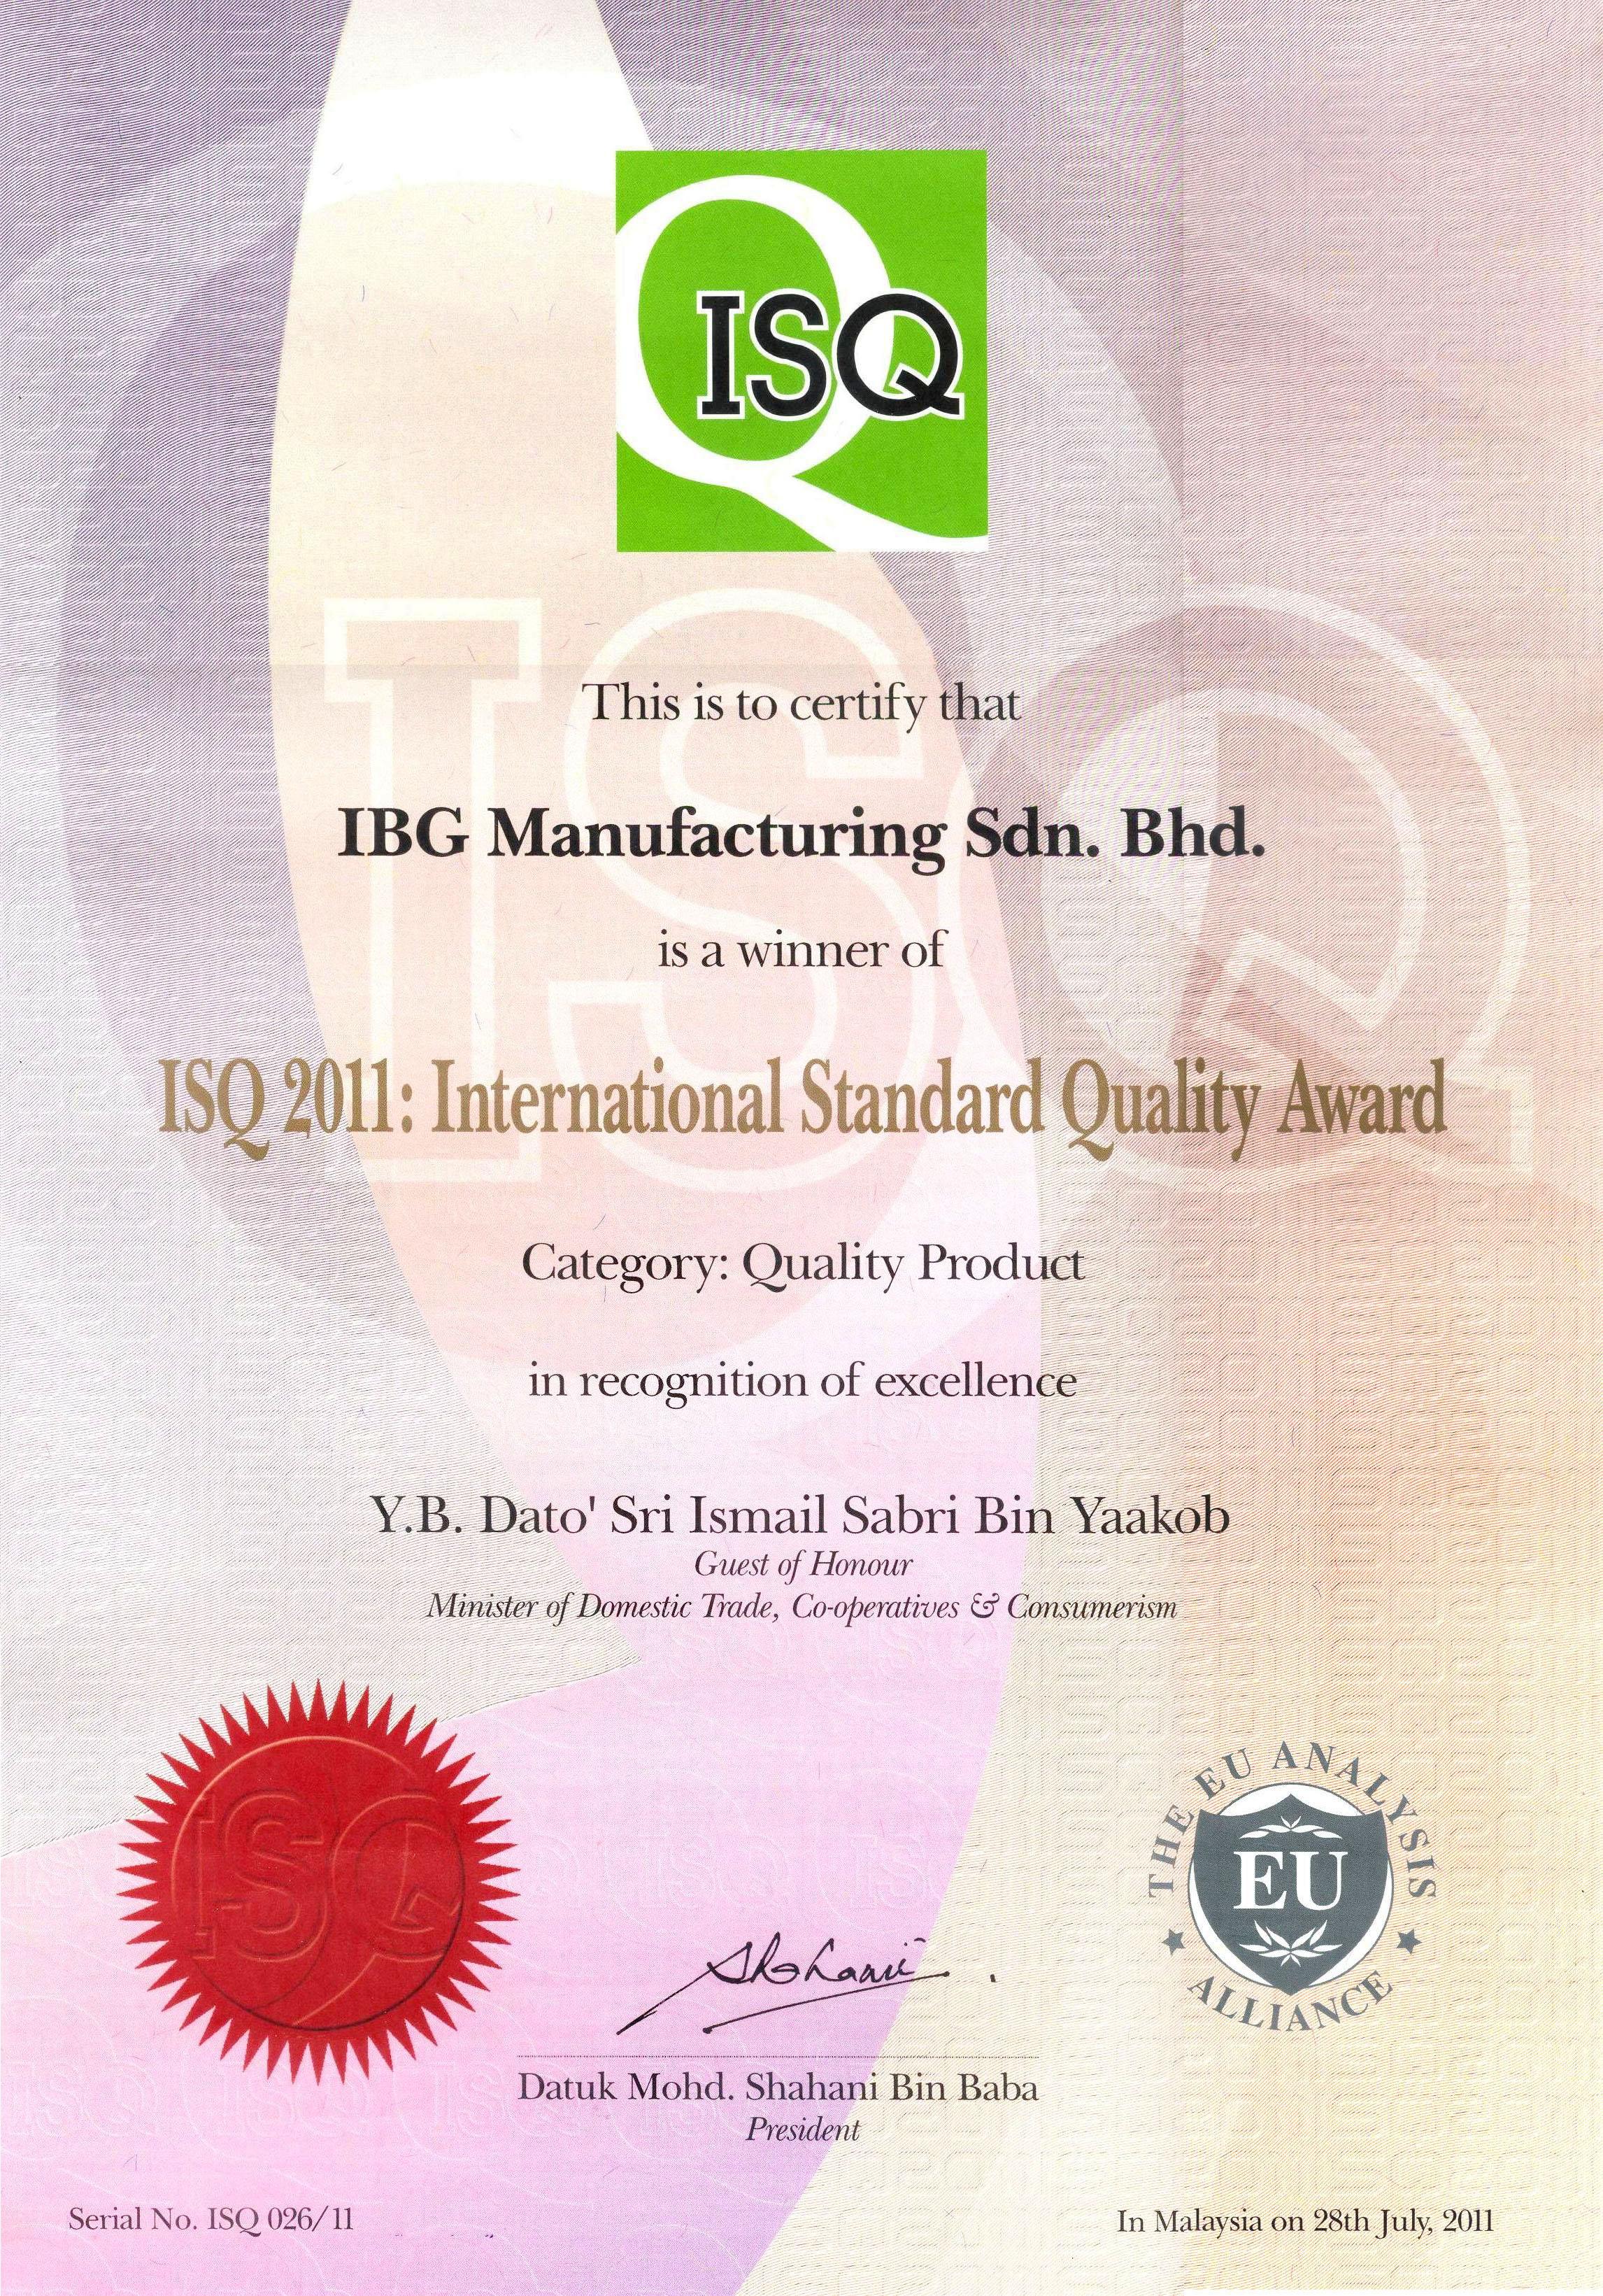 ISQ-2011 Certificate